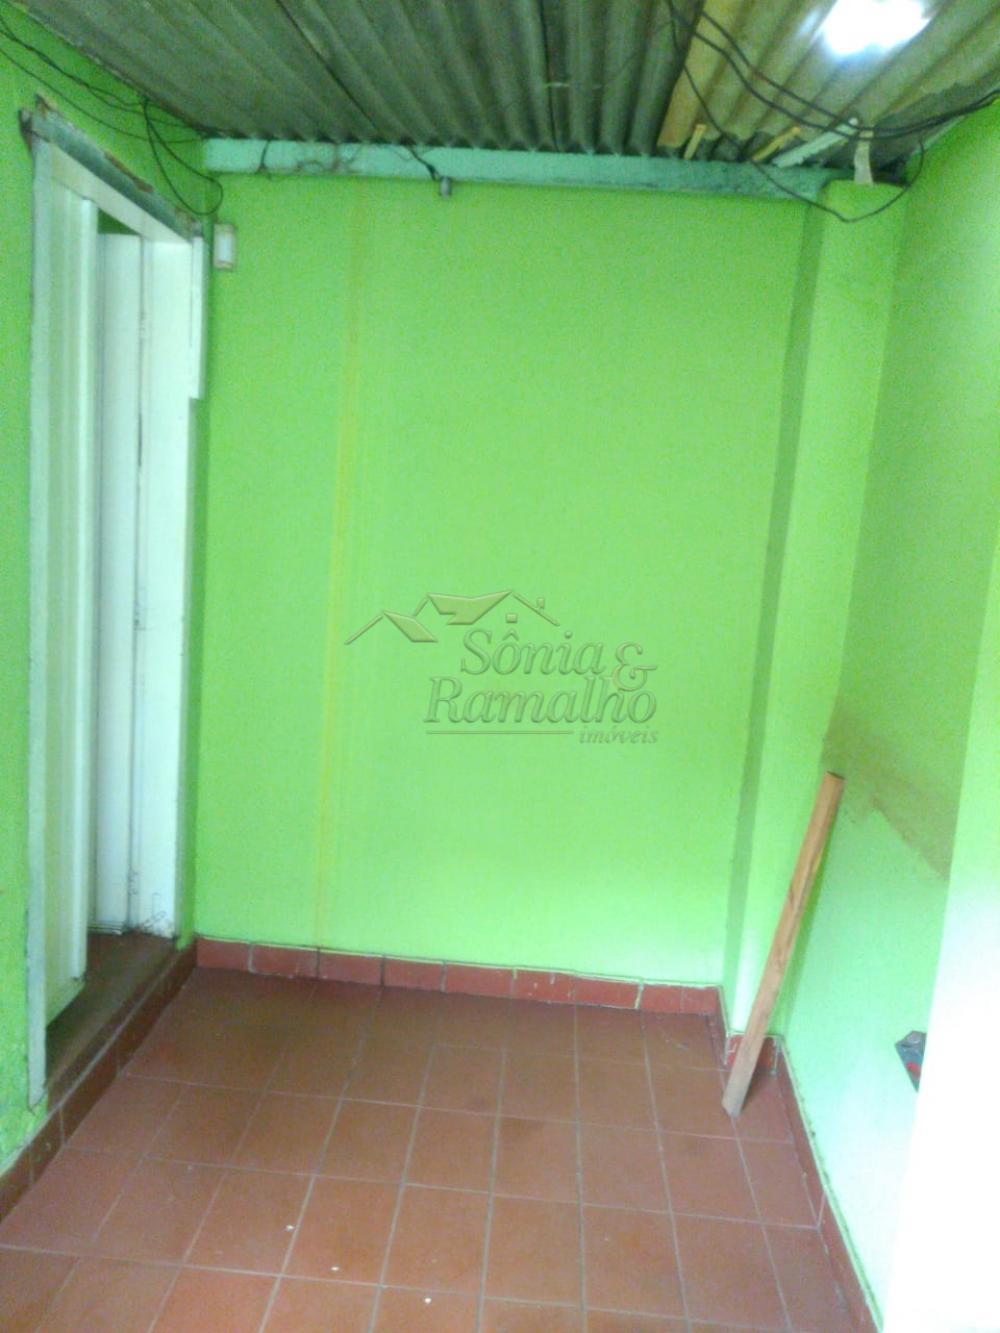 Alugar Casas / Padrão em Ribeirão Preto apenas R$ 900,00 - Foto 7